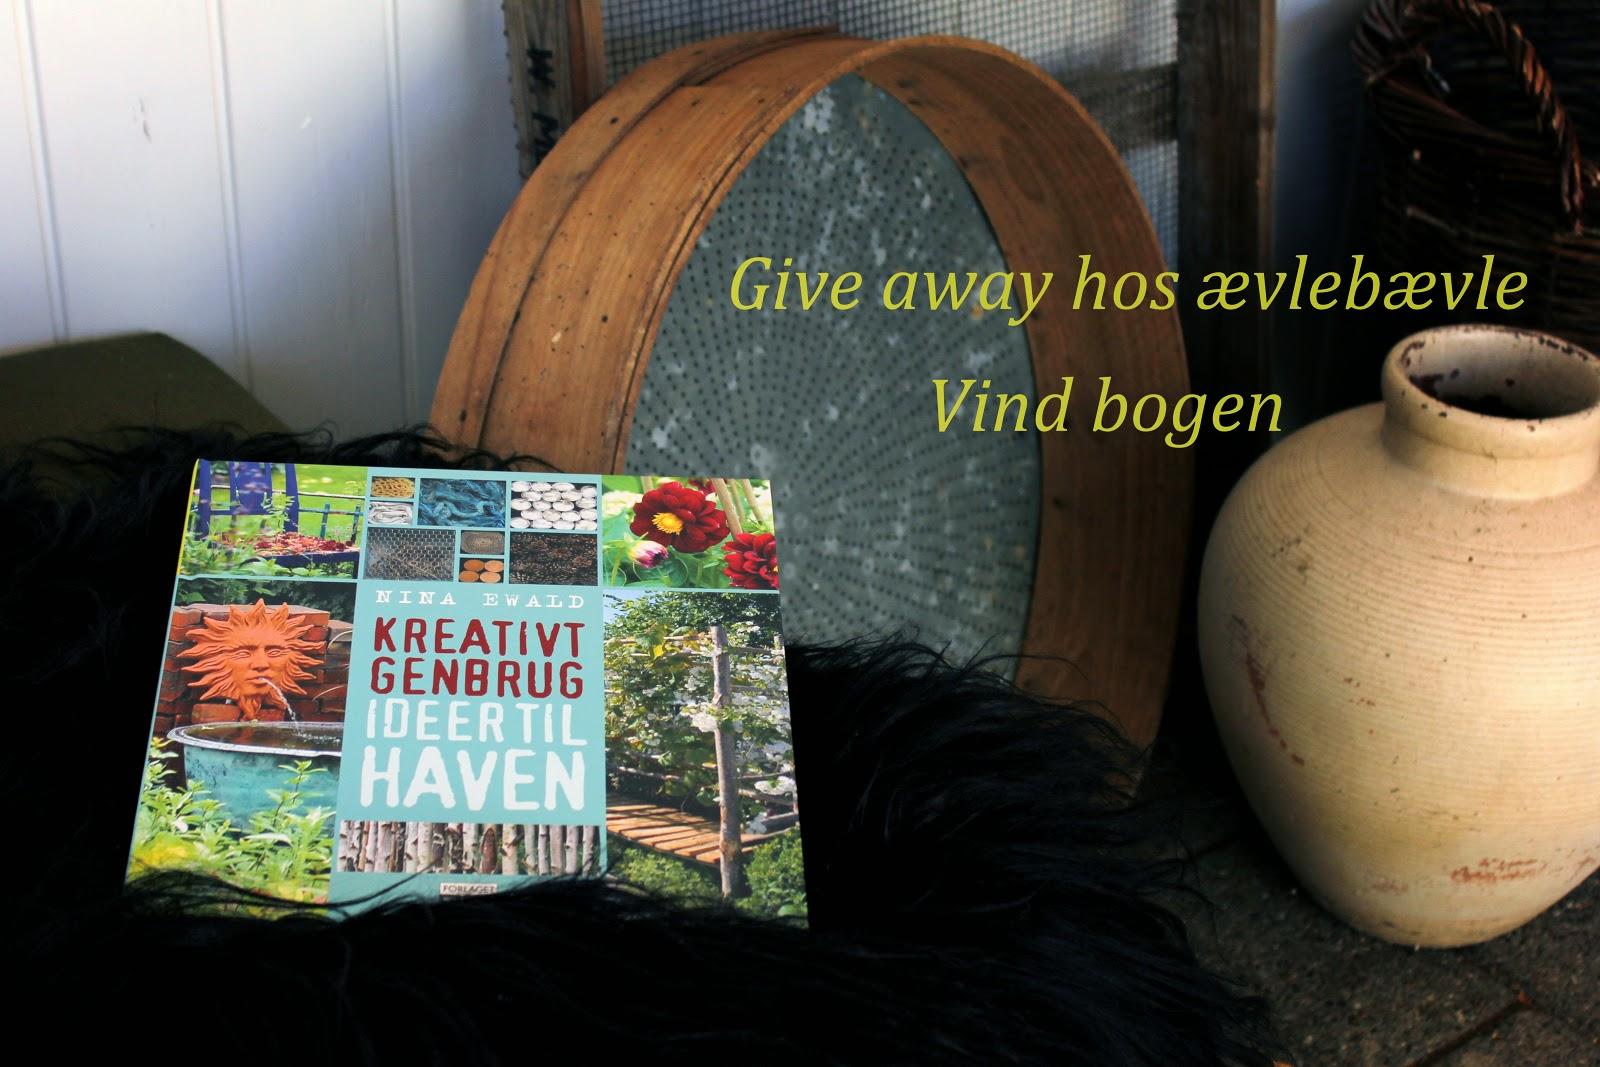 ævlebævle: give away, vind bogen kreativ genbrug ideer til haven